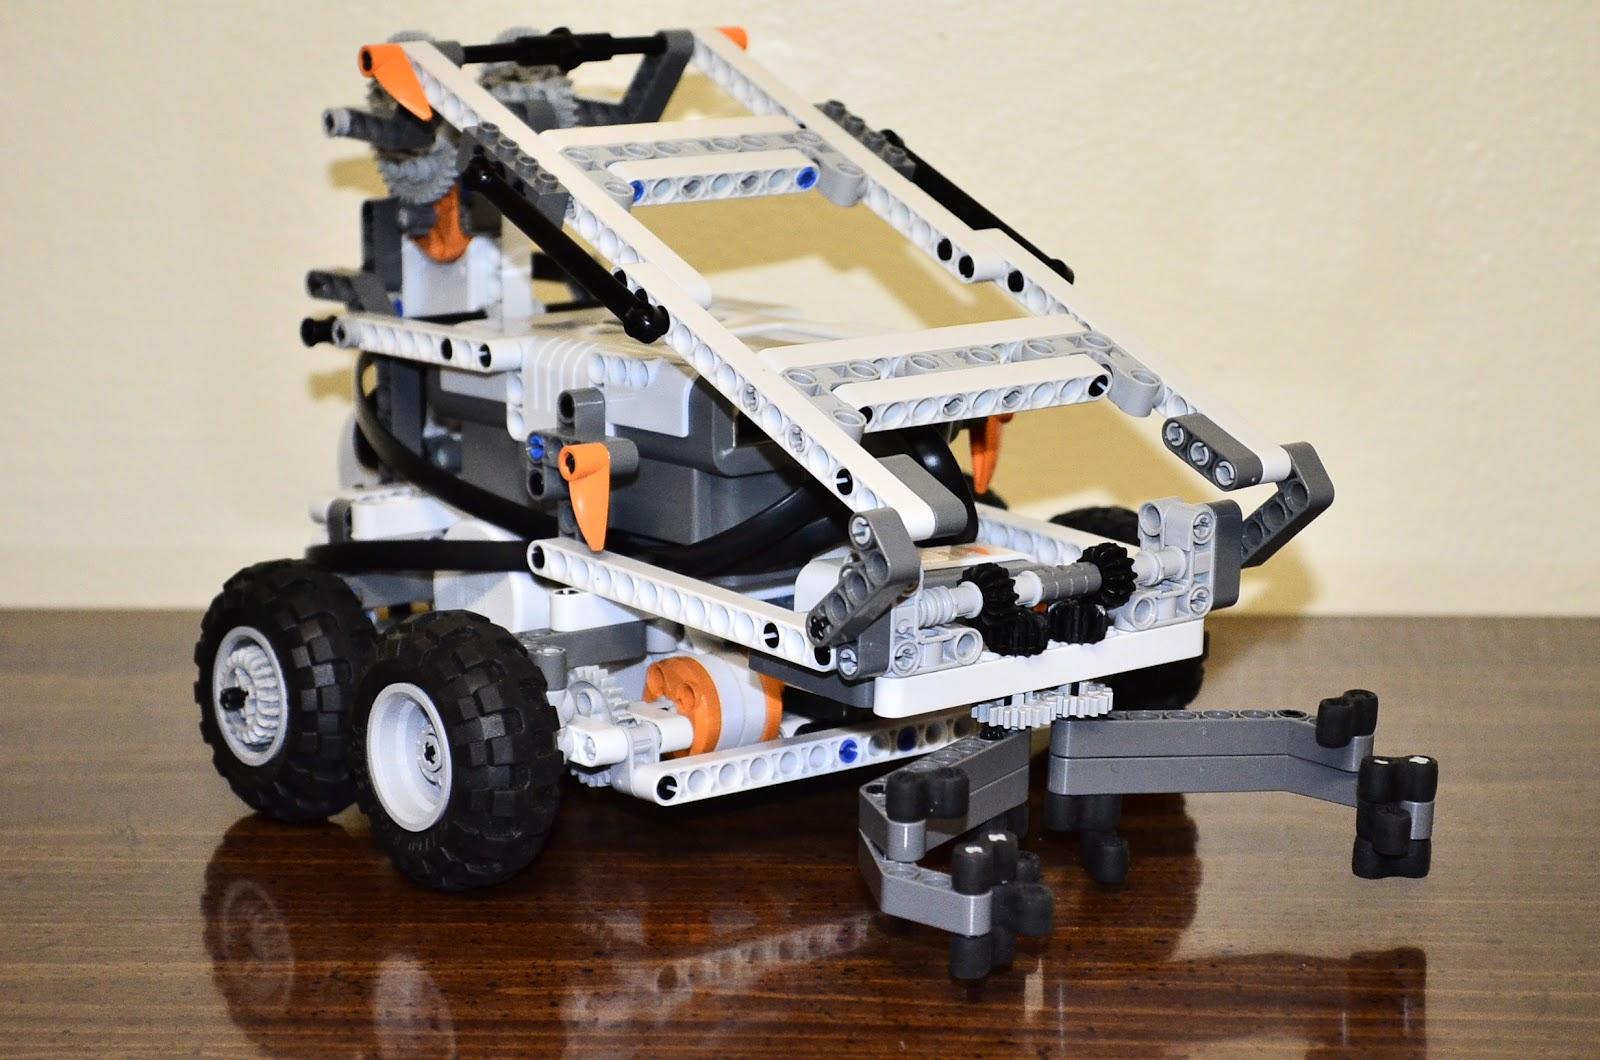 Nxt Geek Mobile Skid Steer Arm